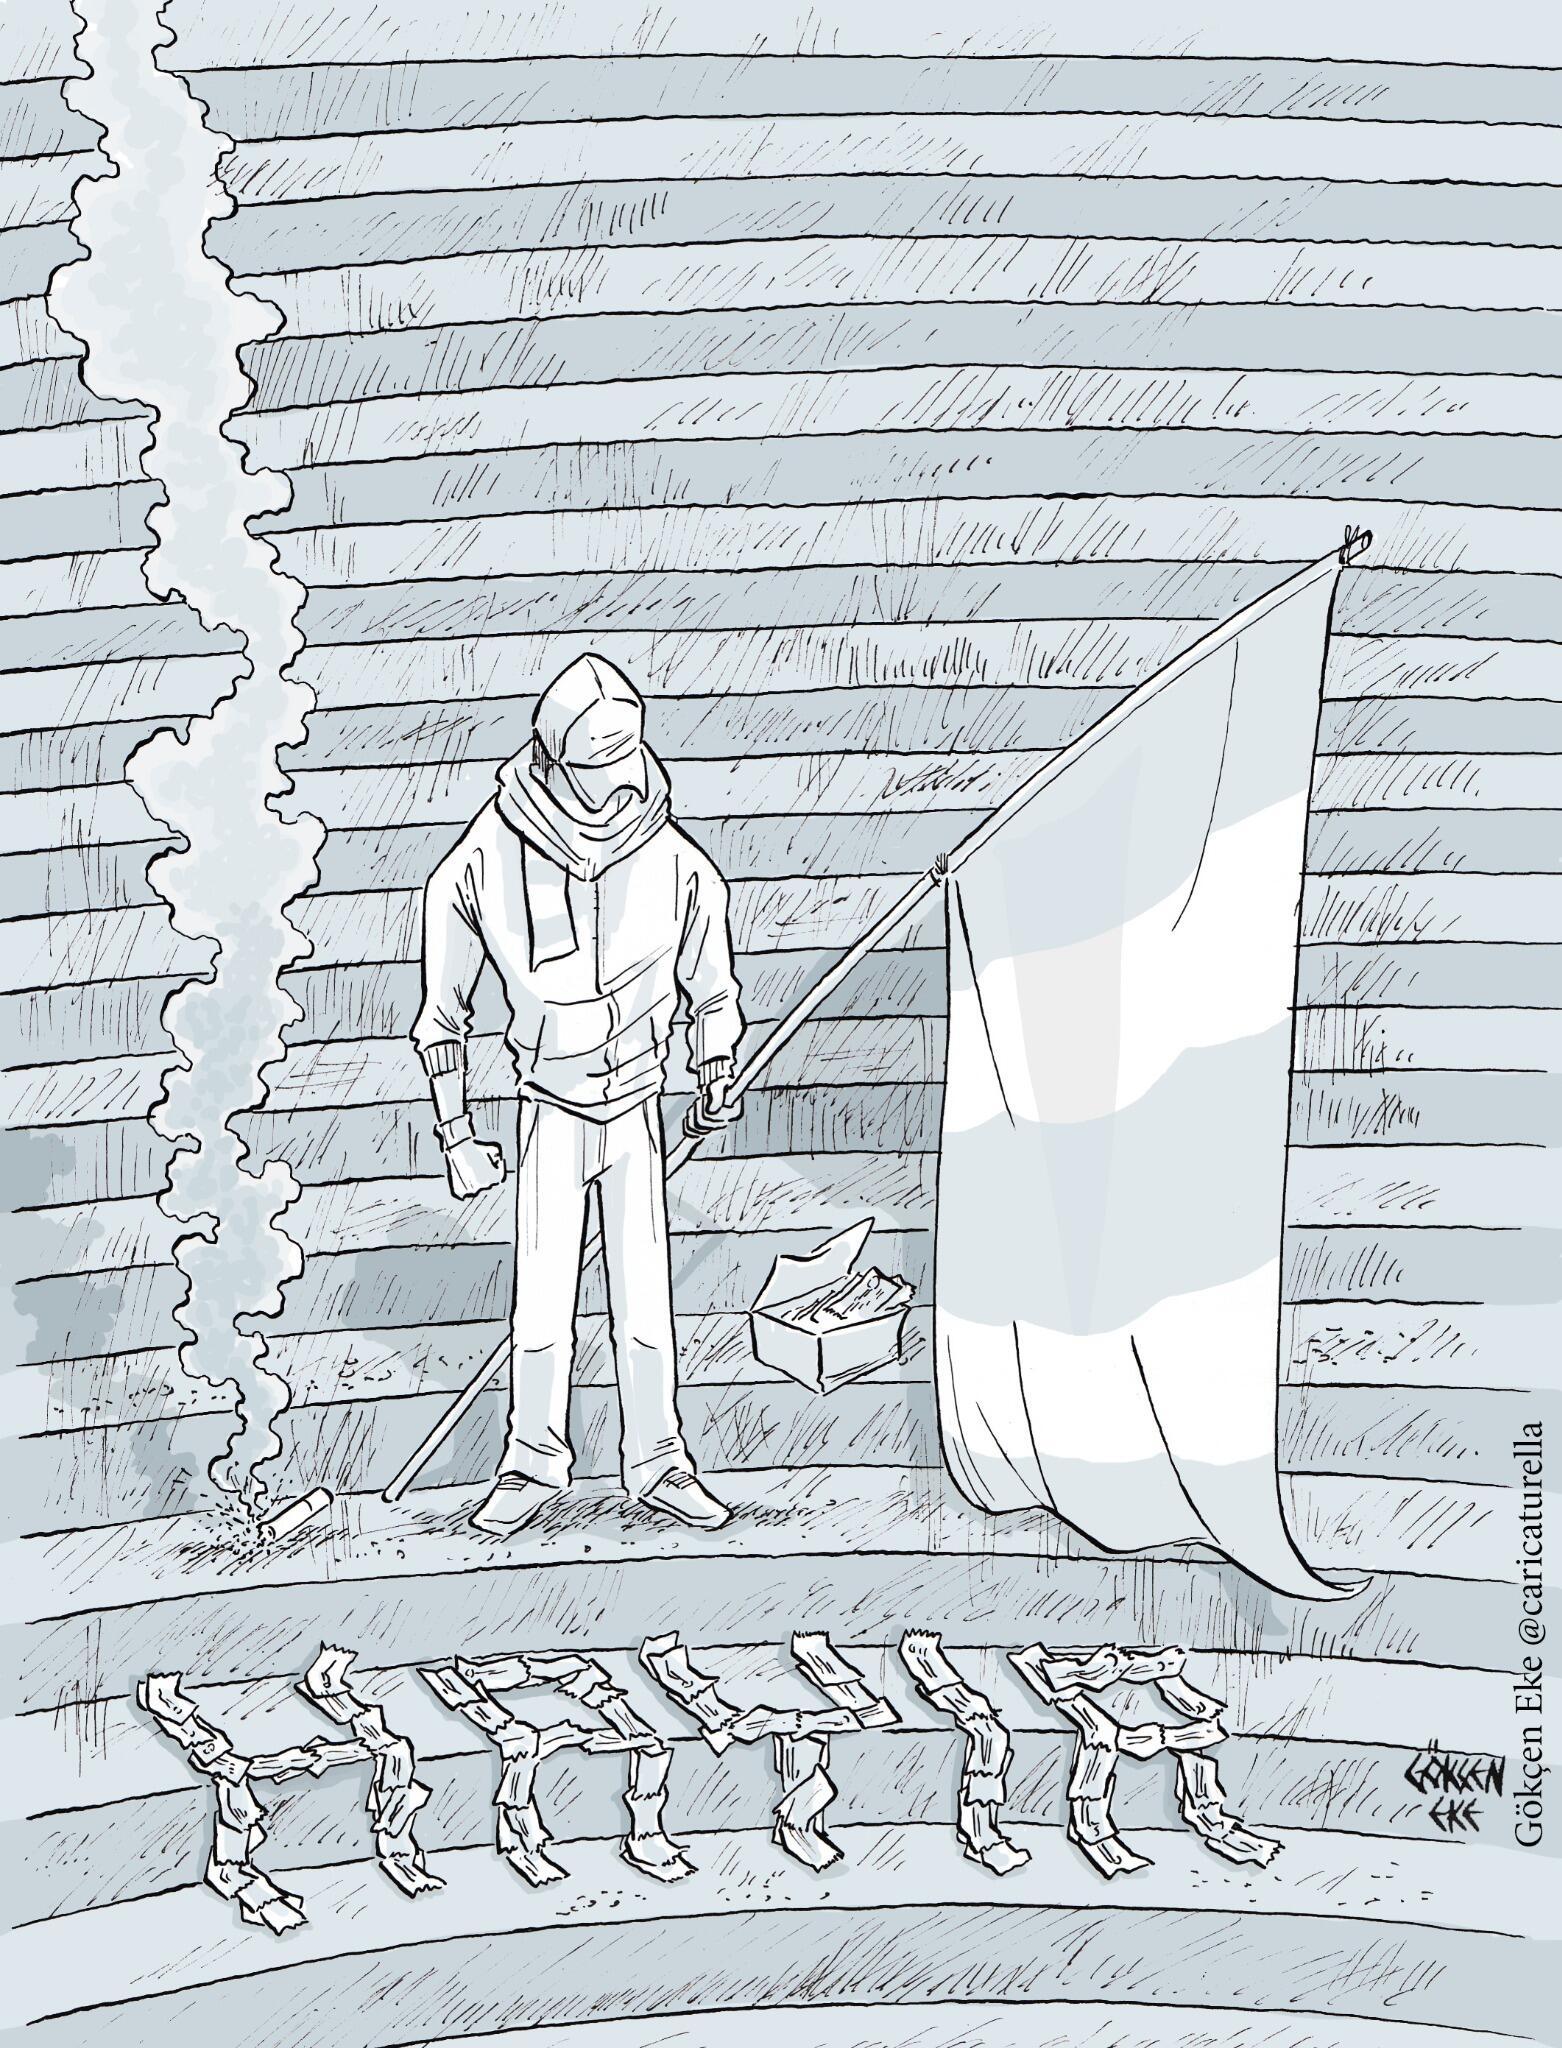 Kutulara sığmayan, bir ucu yırtık anılarımı, nasıl sığdırabilirim ruhsuz plastik bir karta...Hayır! #eBilet #PassoLig http://t.co/ajje5o48B6